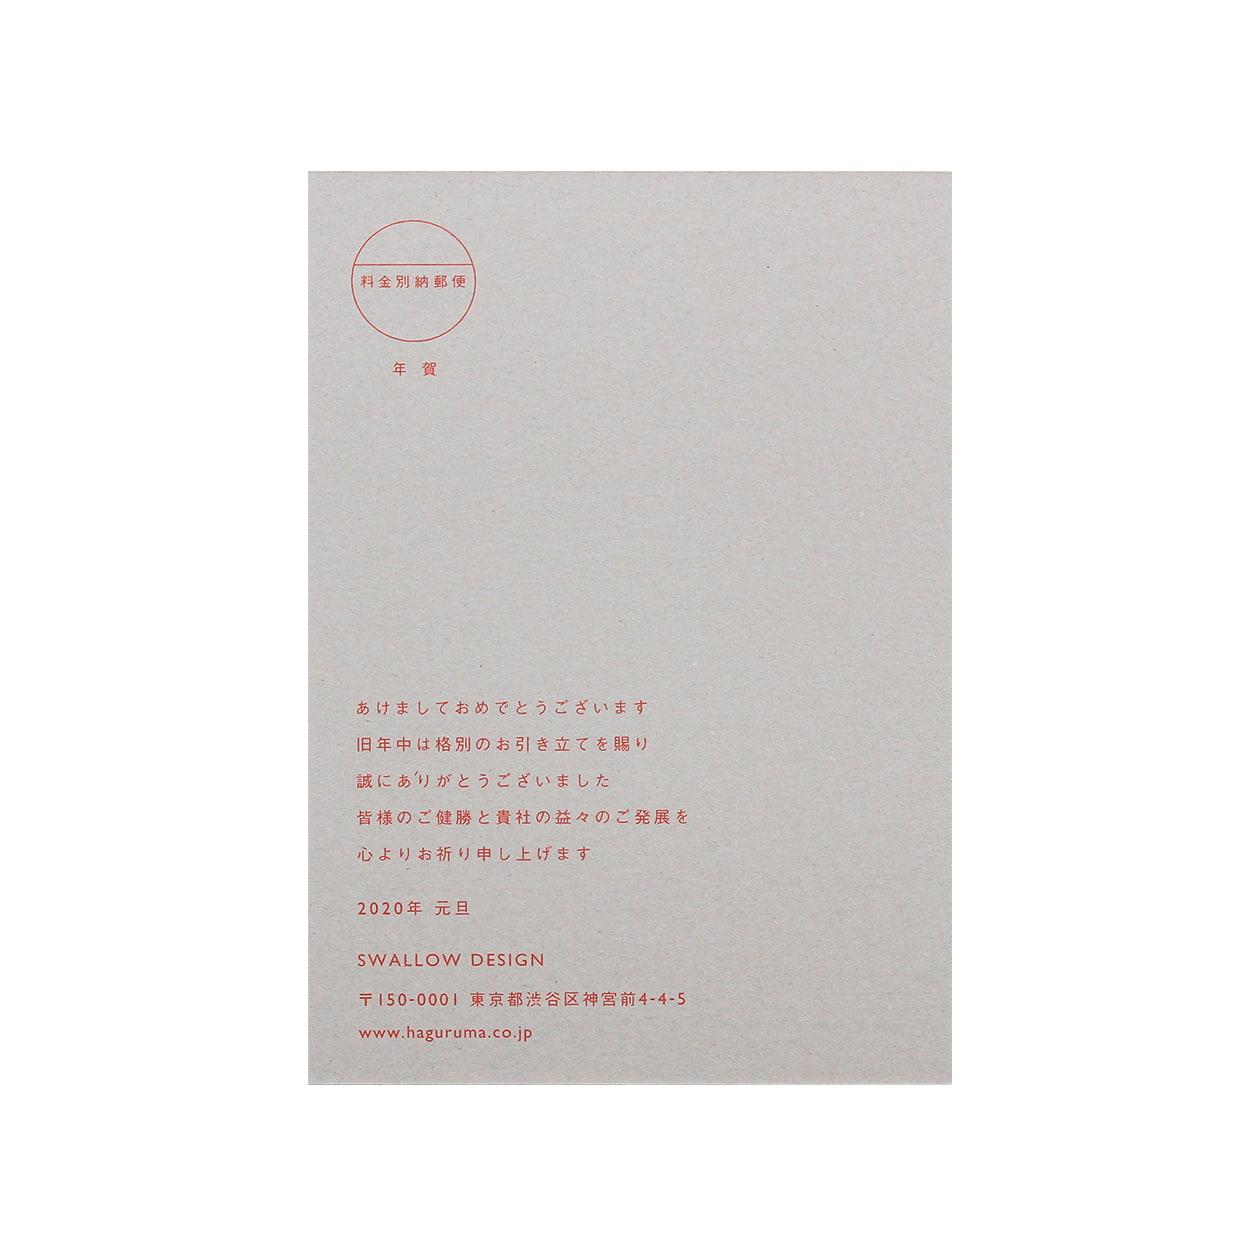 サンプル カード・シート 00386